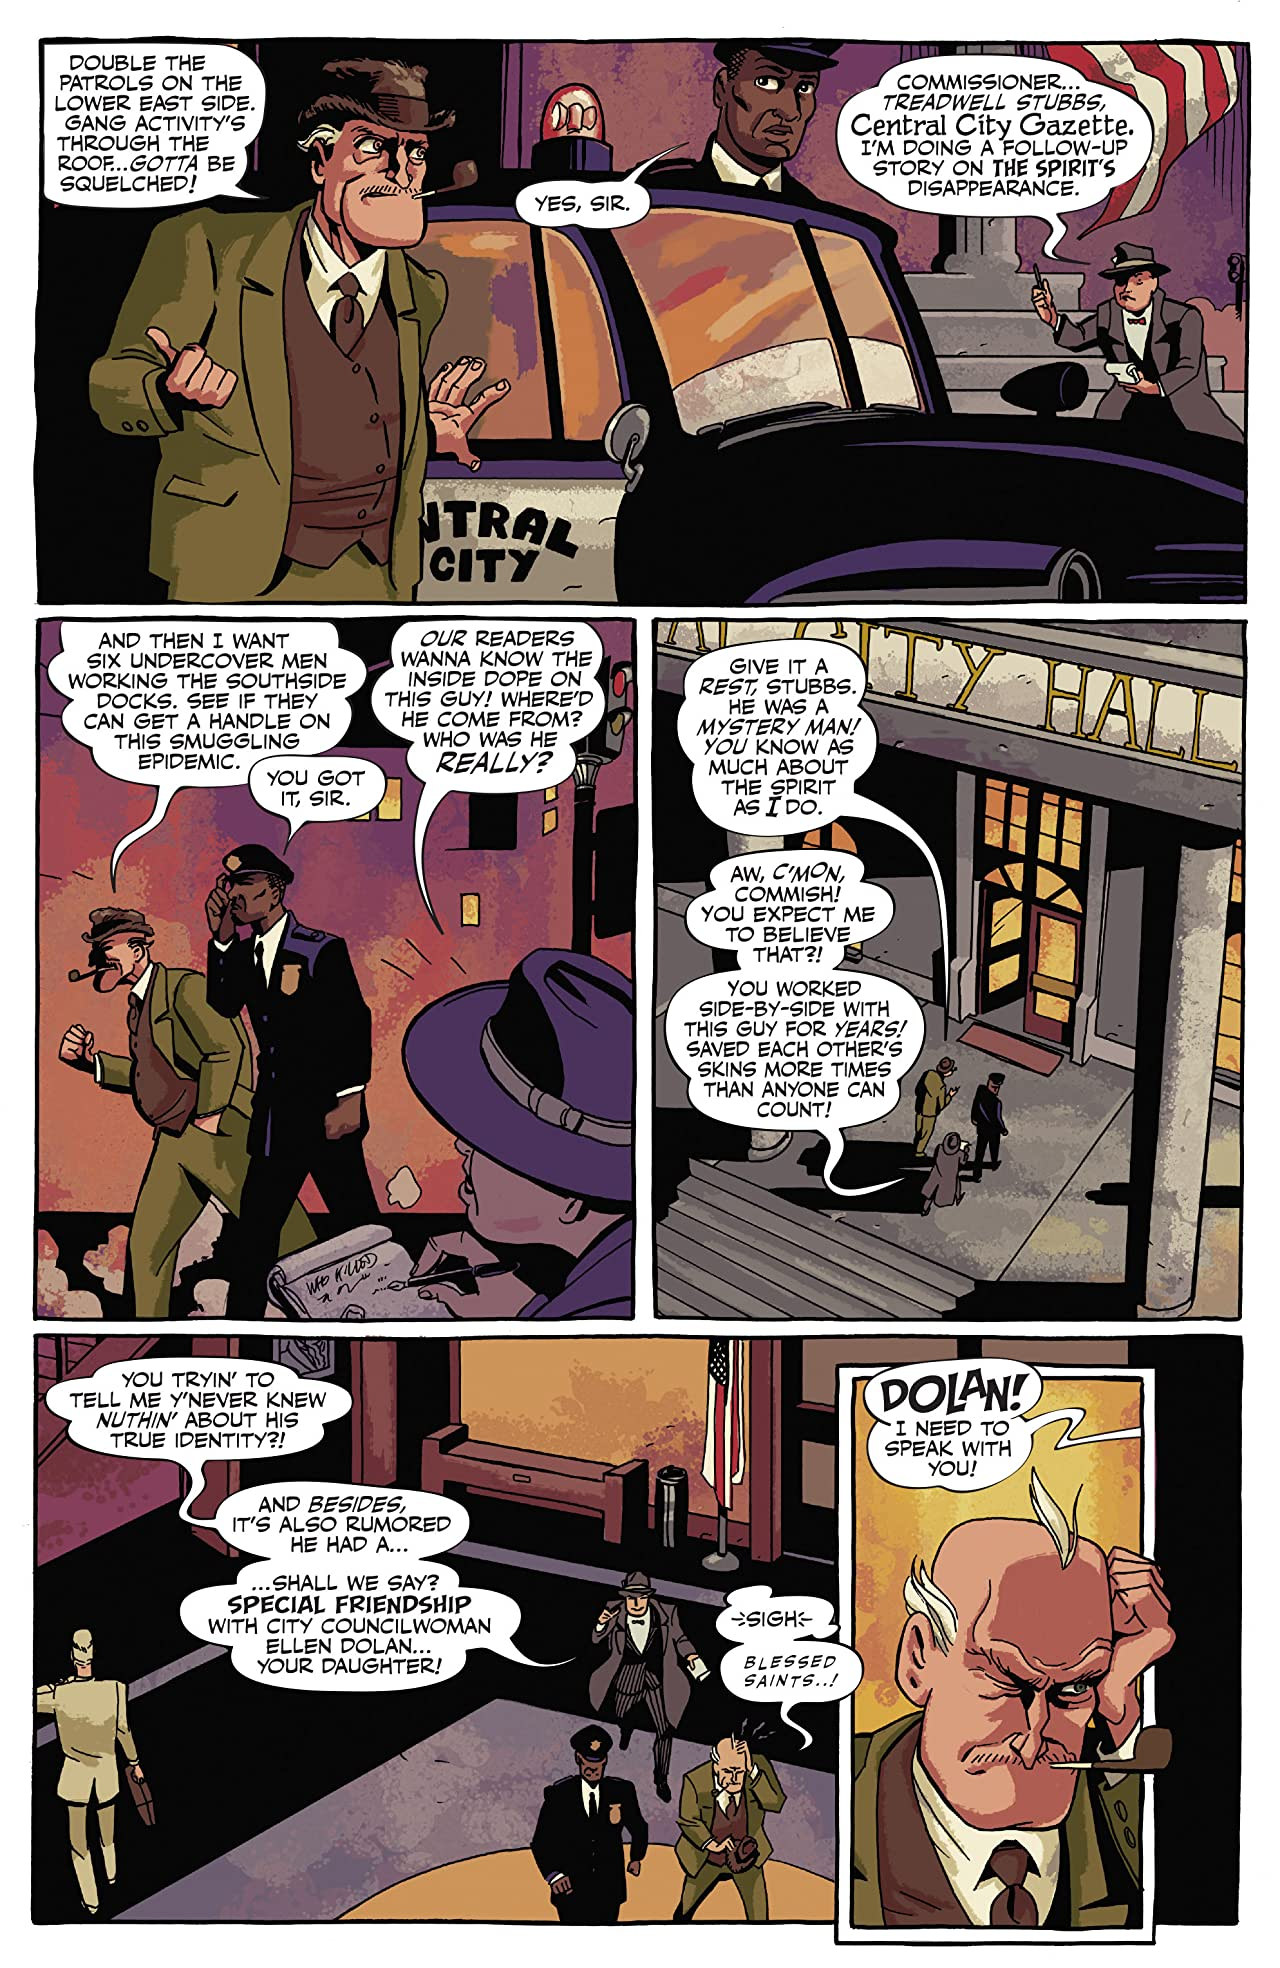 Will Eisner's The Spirit: The Spirit Returns